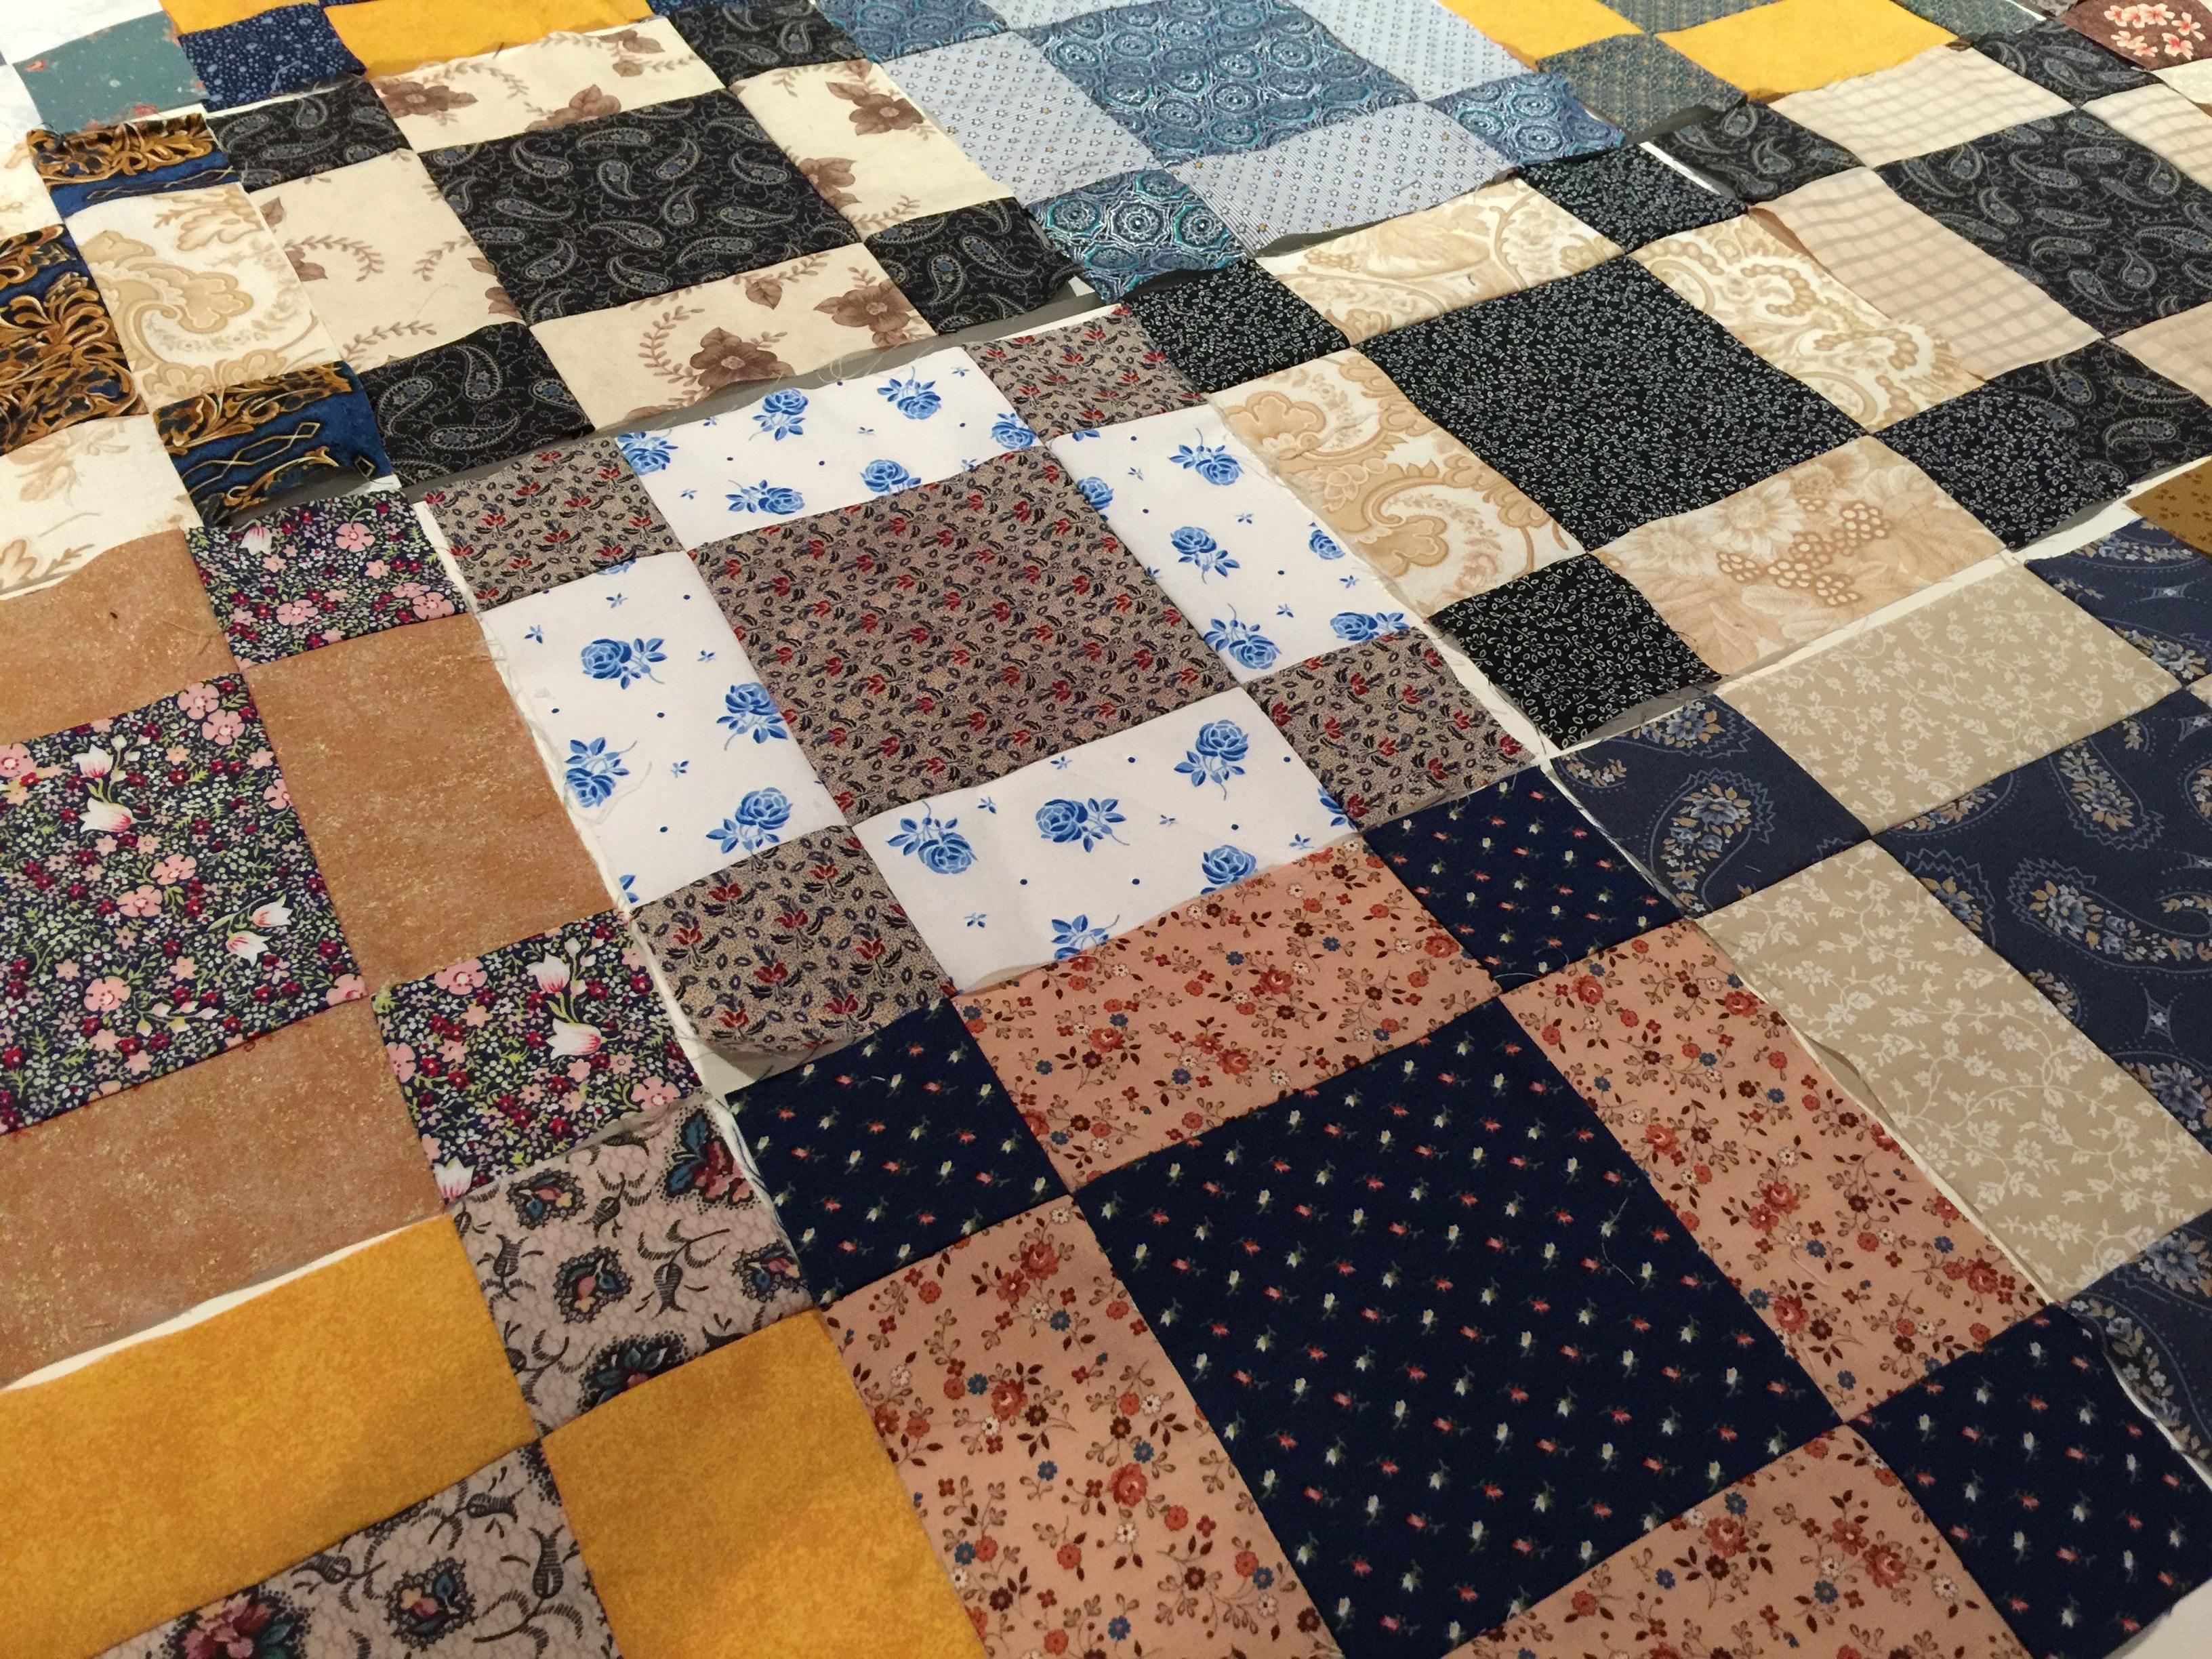 uneven nine patch quilt pattern antique style